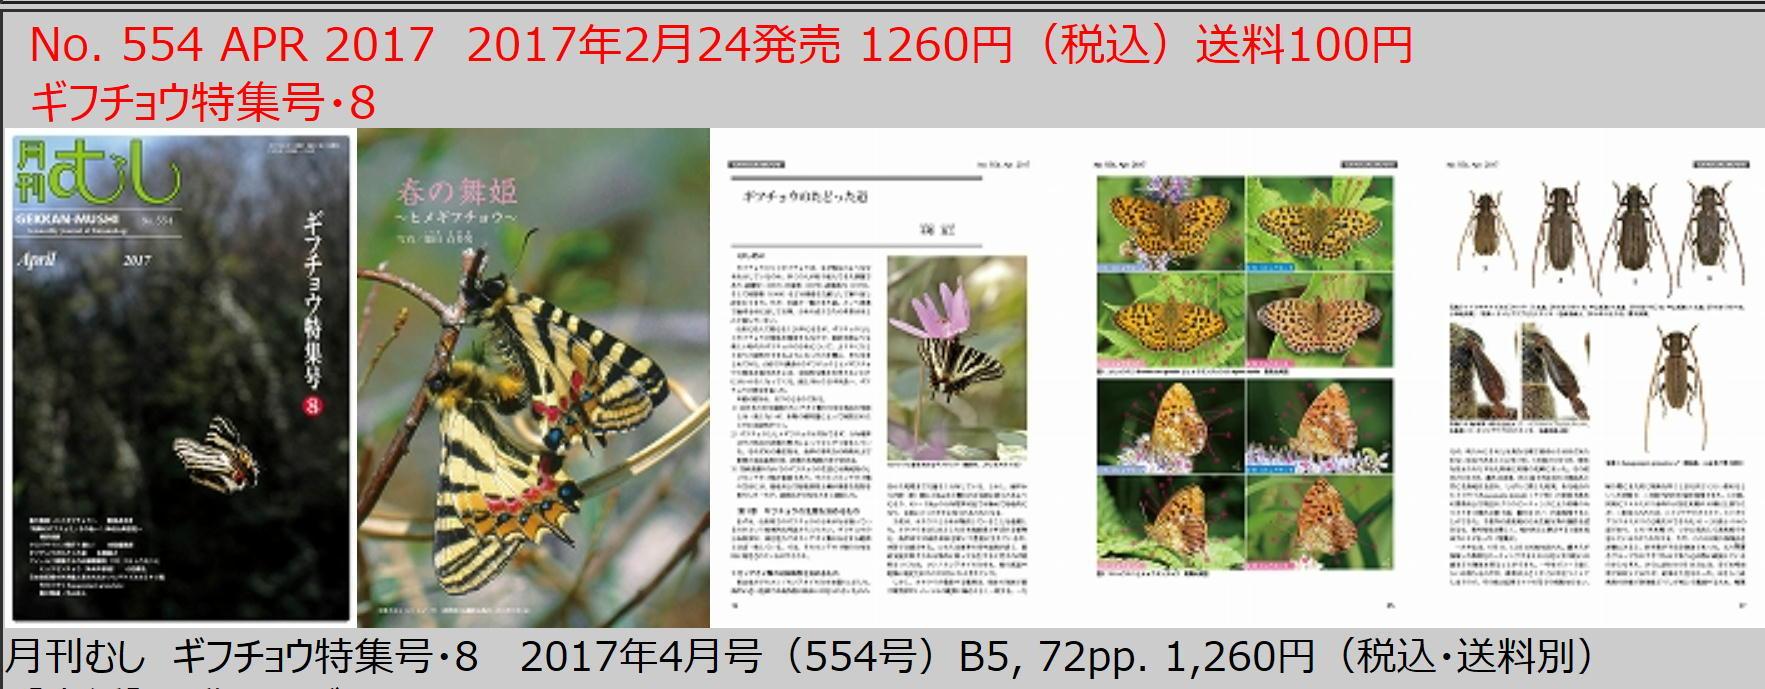 月刊むし2016-4月号の案内_a0146869_22433748.jpg